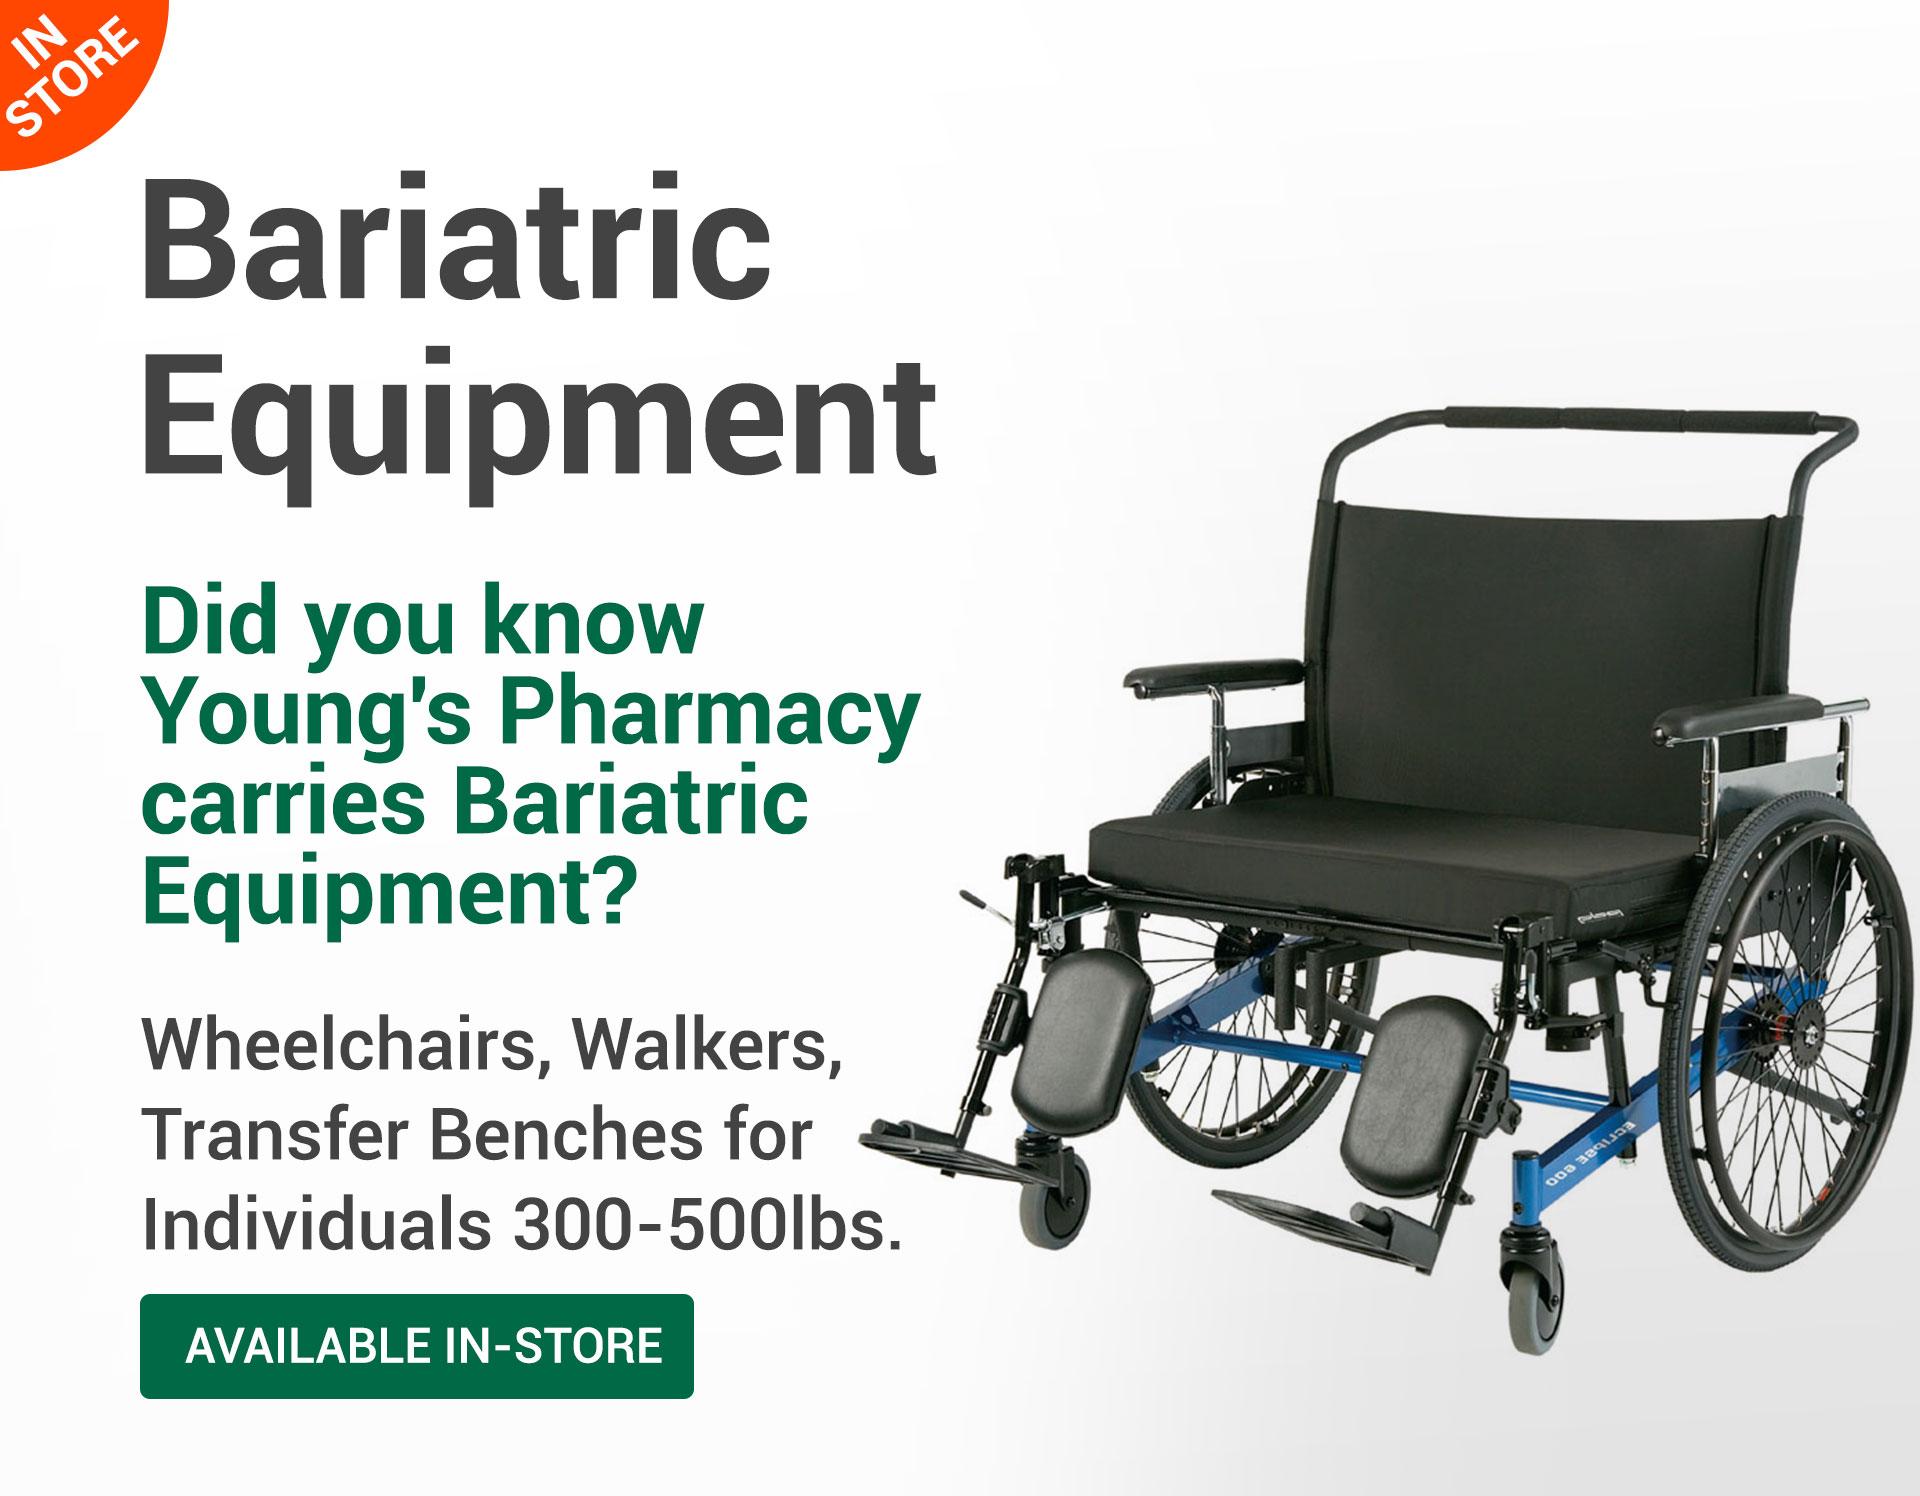 Bariatric Equipment